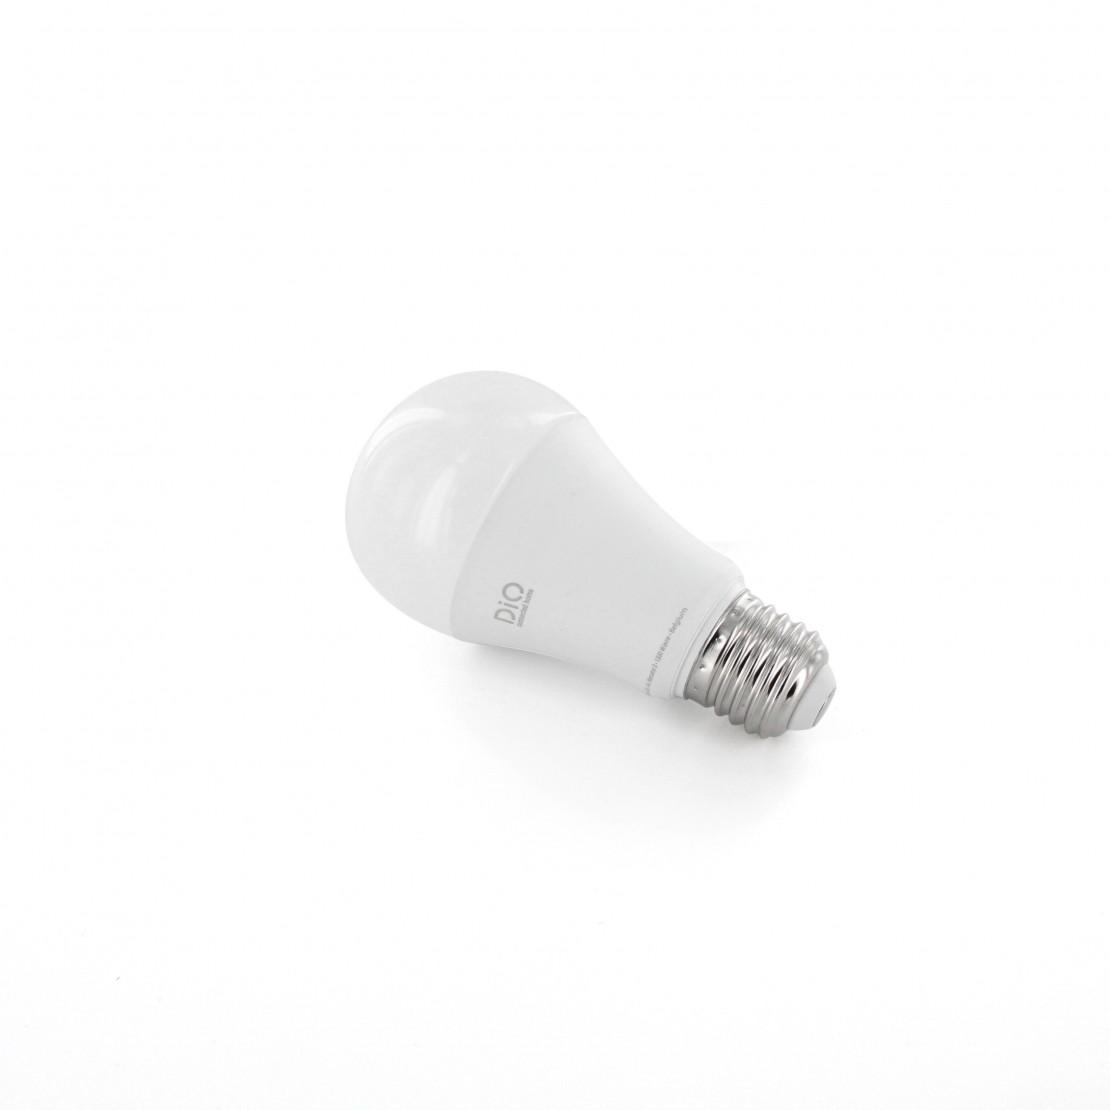 Lâmpada inteligente DiO 1.0